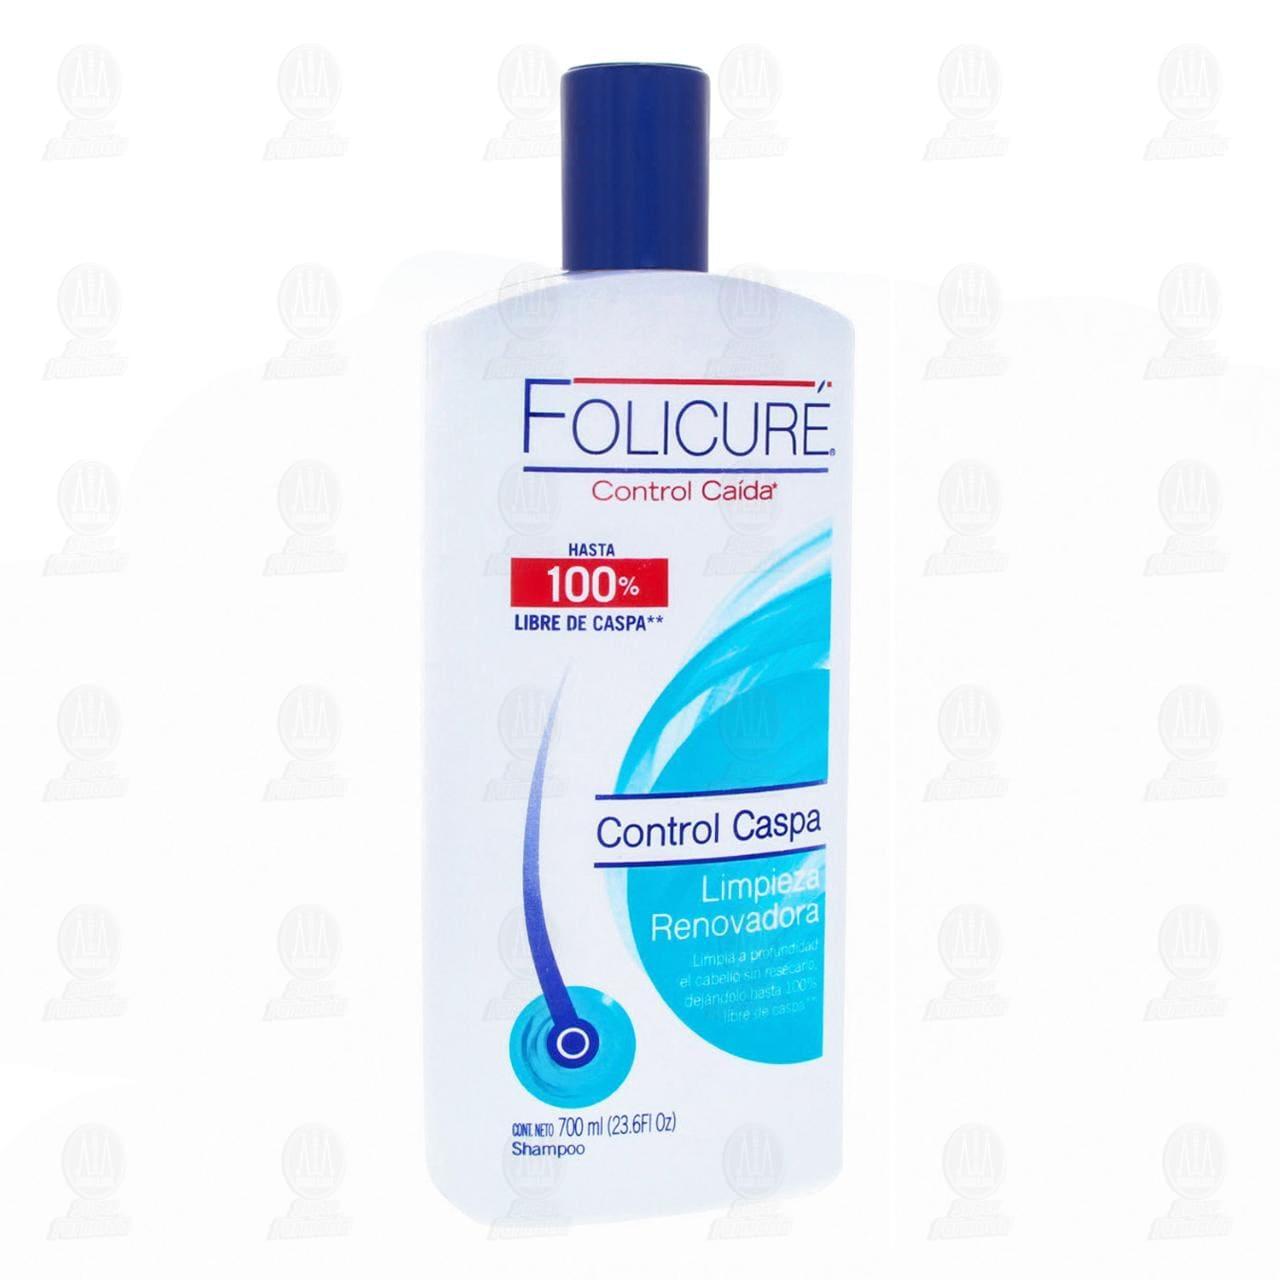 Comprar Shampoo Folicuré Control Caspa Limpieza Renovadora, 700 ml. en Farmacias Guadalajara